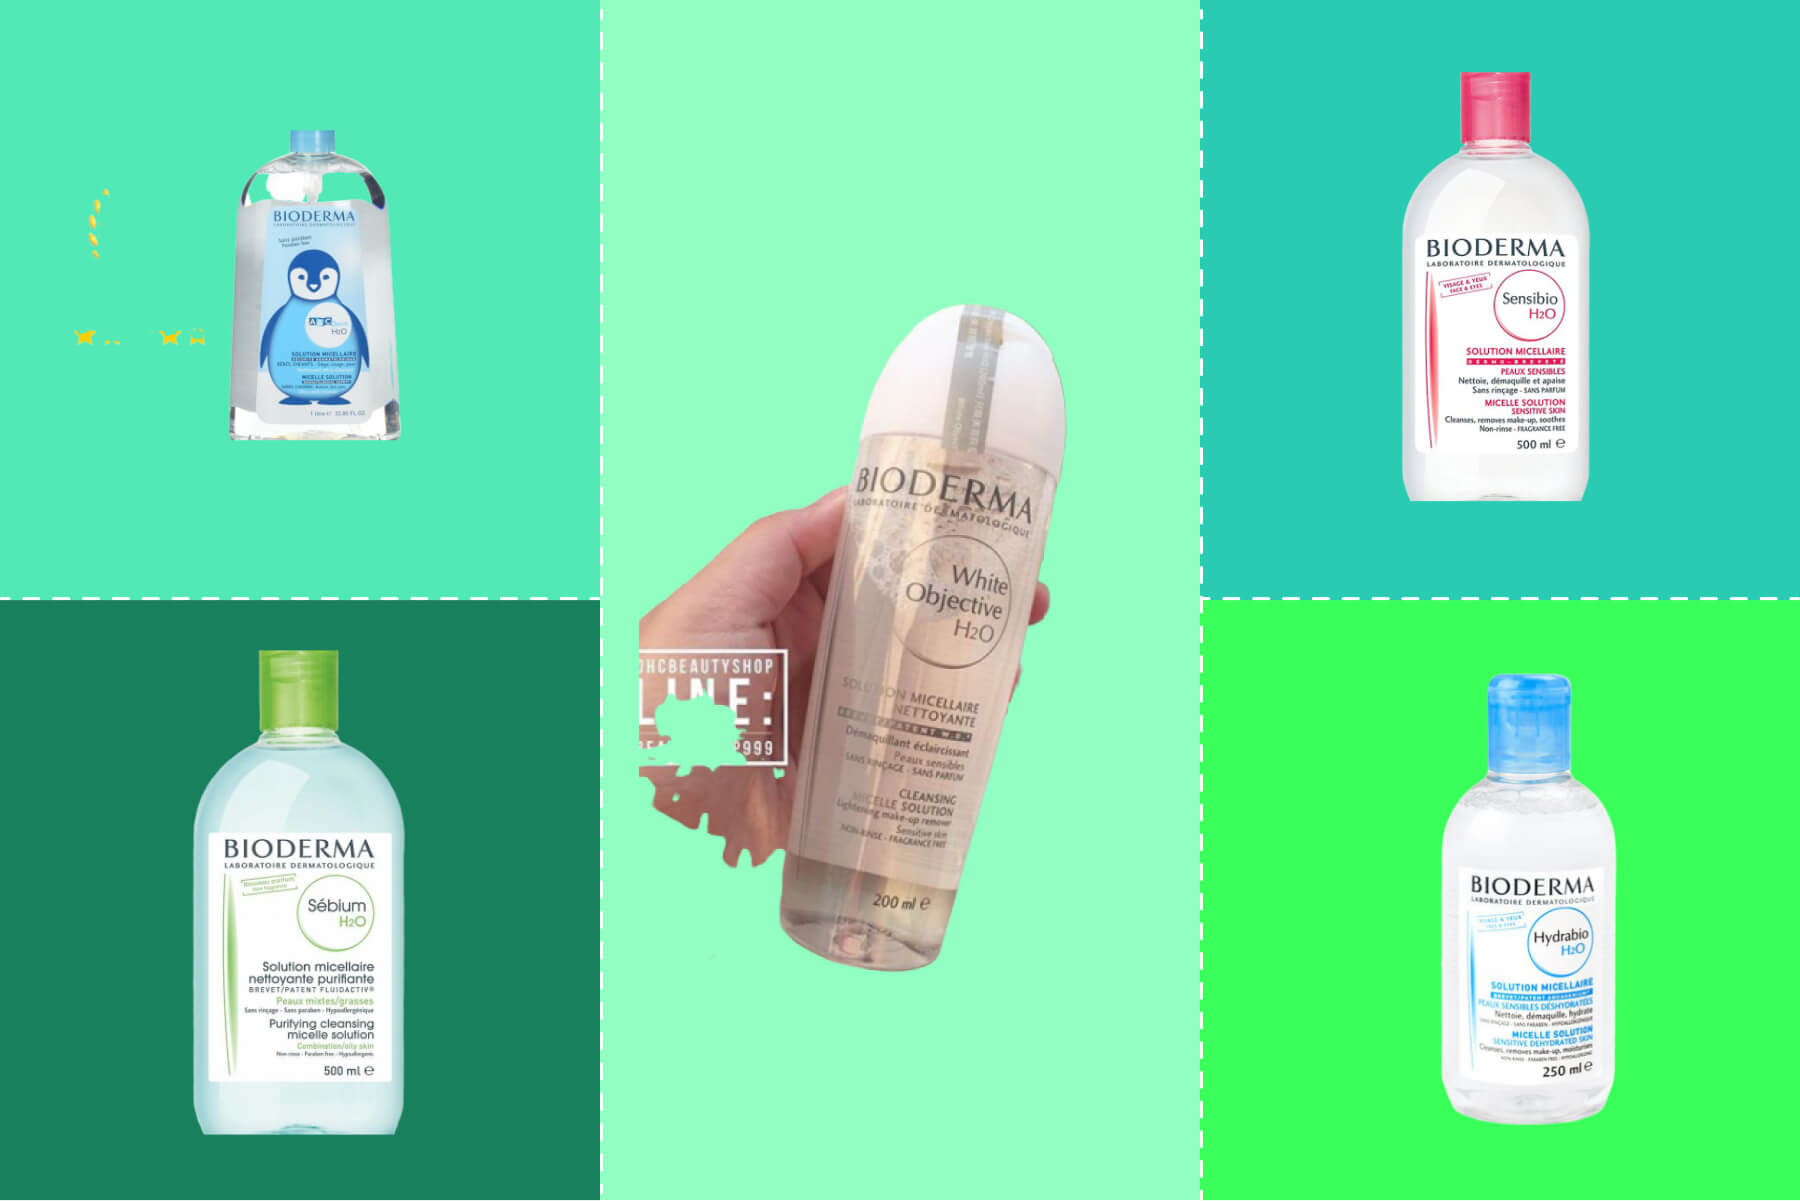 Top 5 nước tẩy trang Bioderma chất lượng hàng đầu dành cho bạn